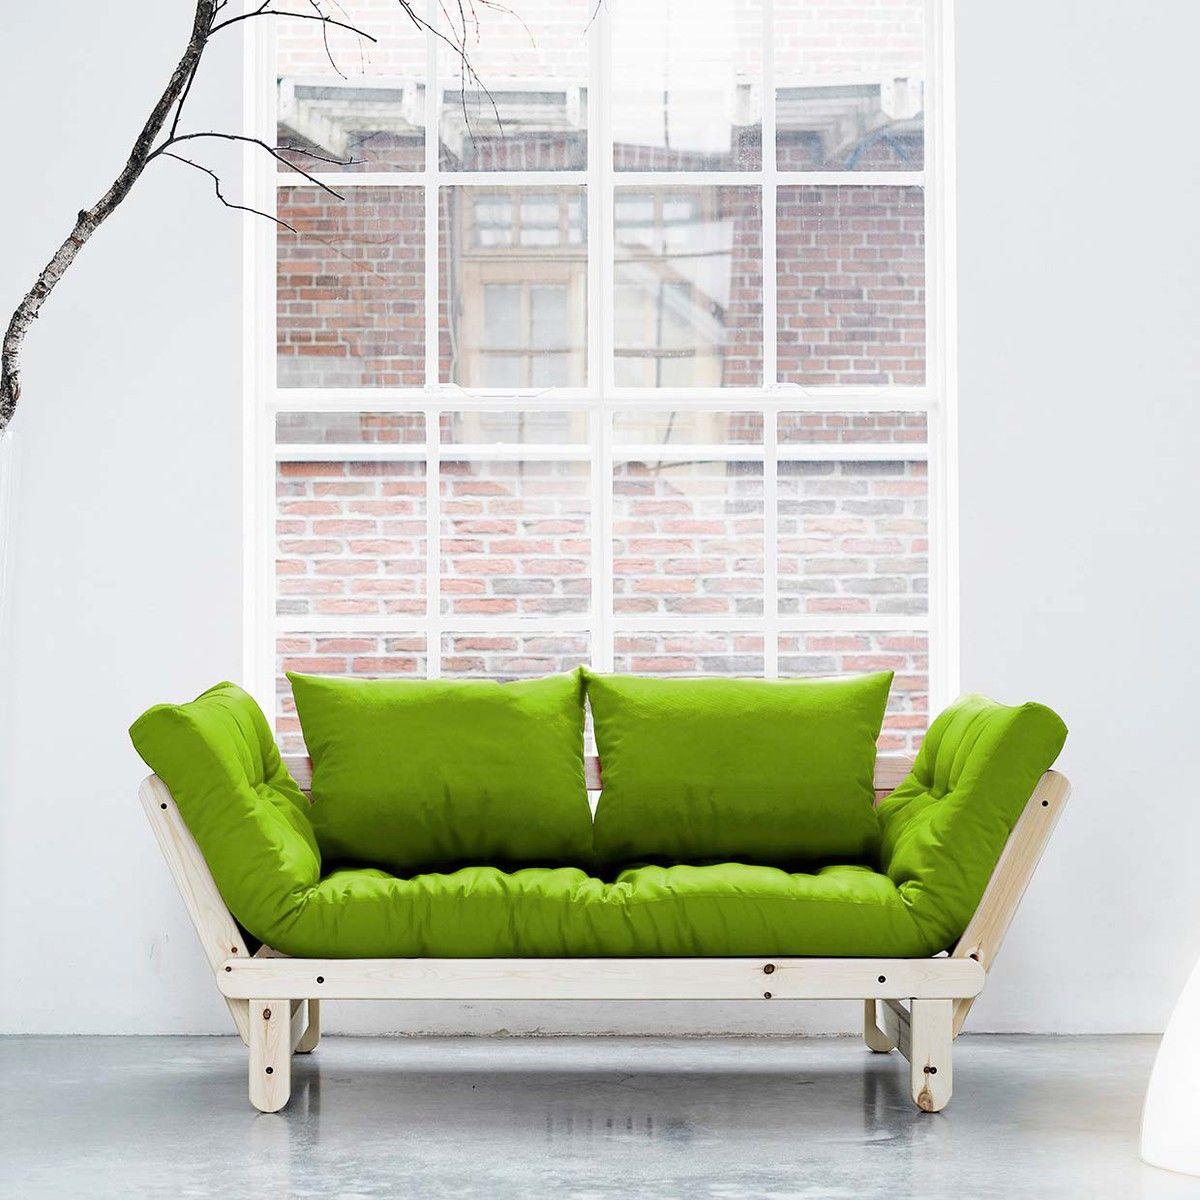 Green Futon   For the Home   Pinterest   Me gustas y Decoración